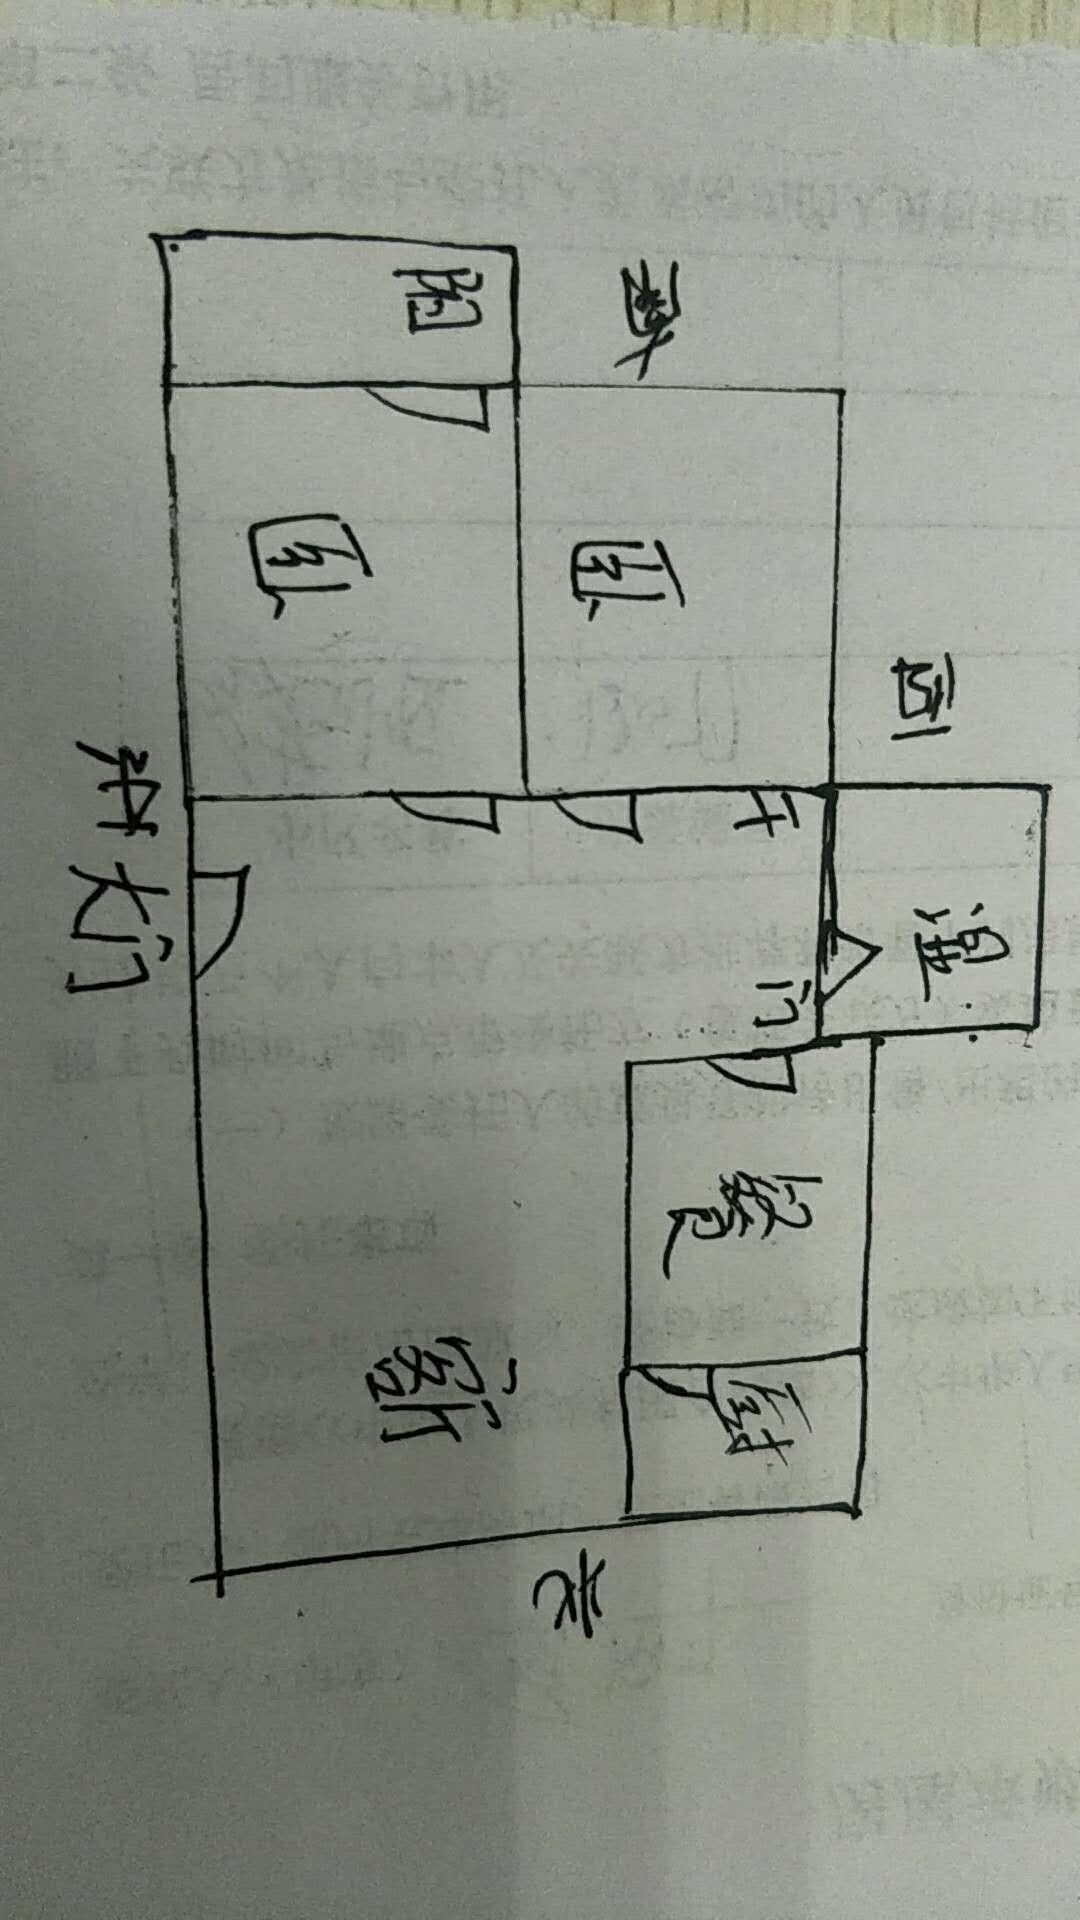 二棉宿舍 2室1厅 2楼